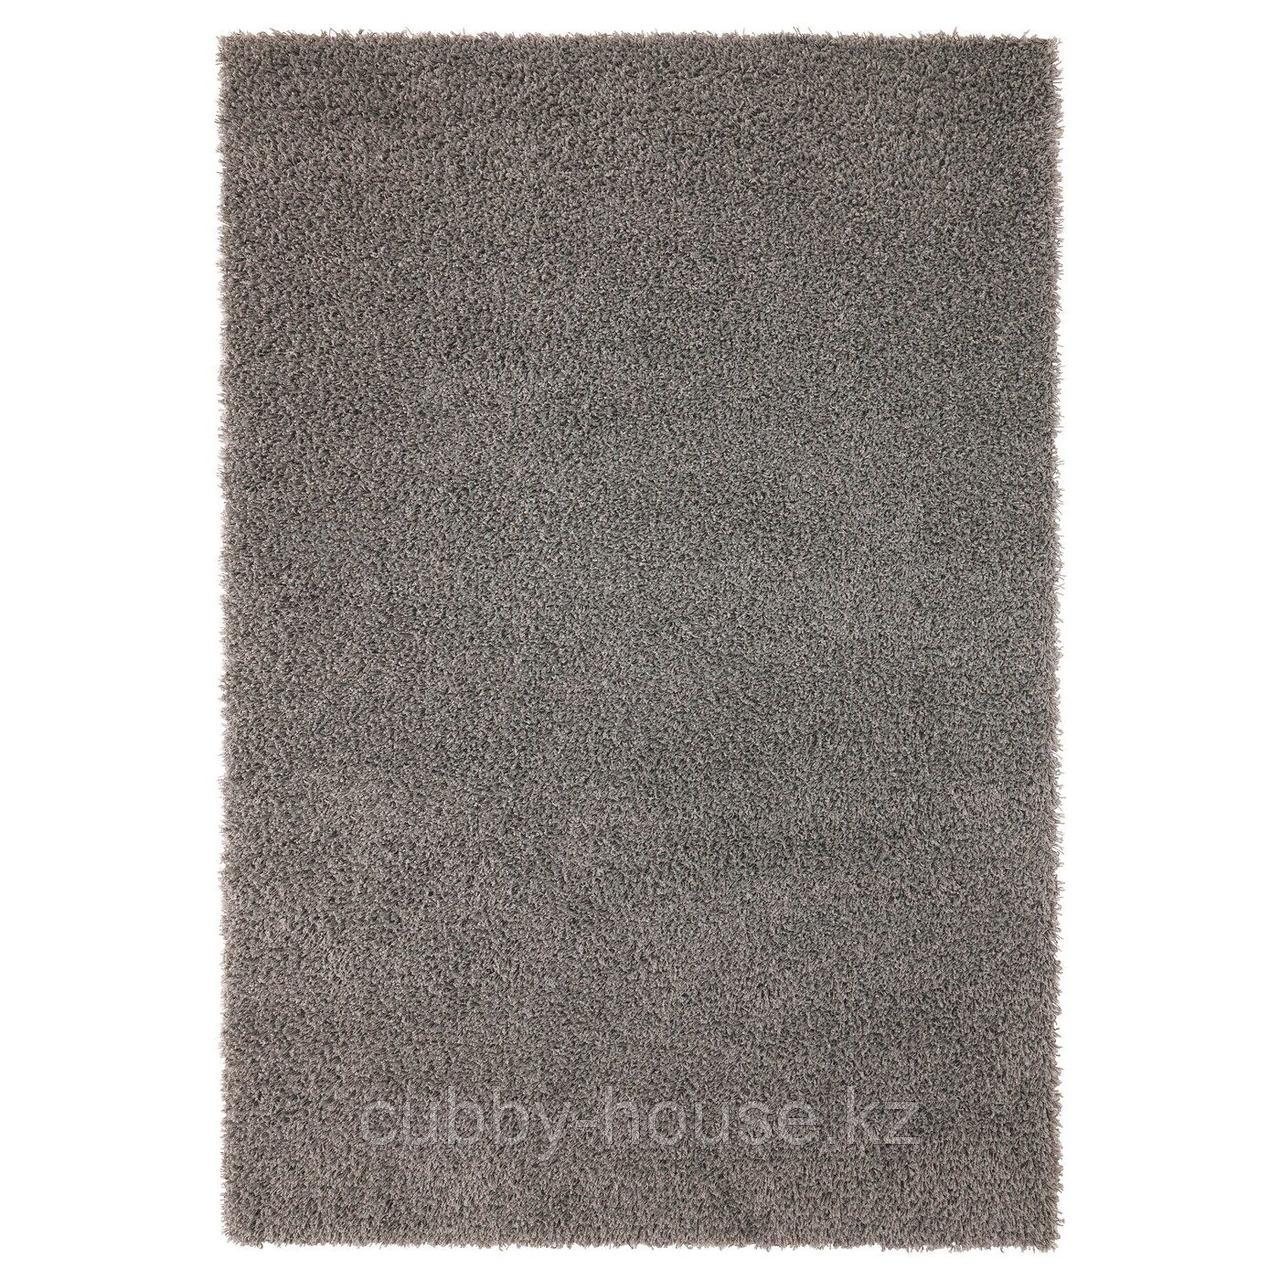 ХАМПЭН Ковер, длинный ворс, серый, 133x195 см